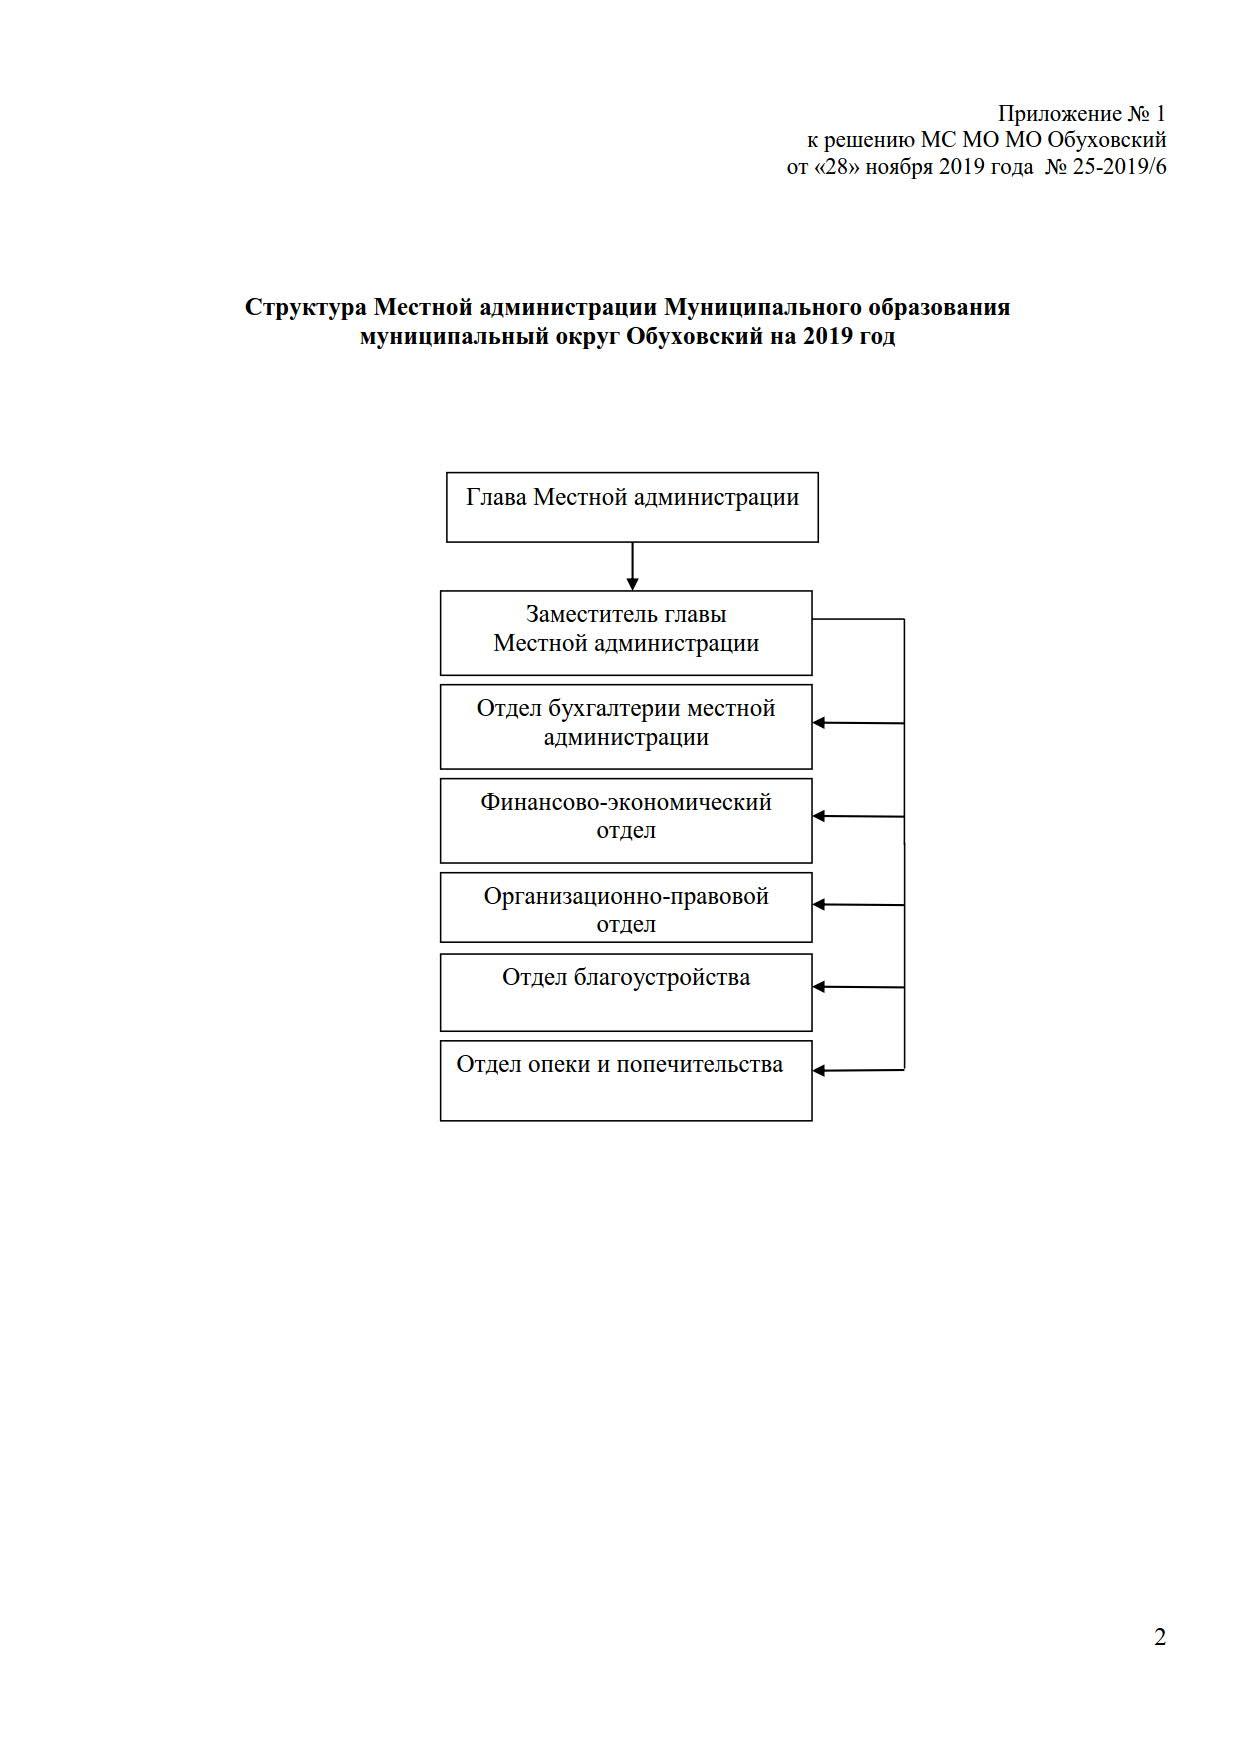 Р. 25-2019.6 структура МА решение._1